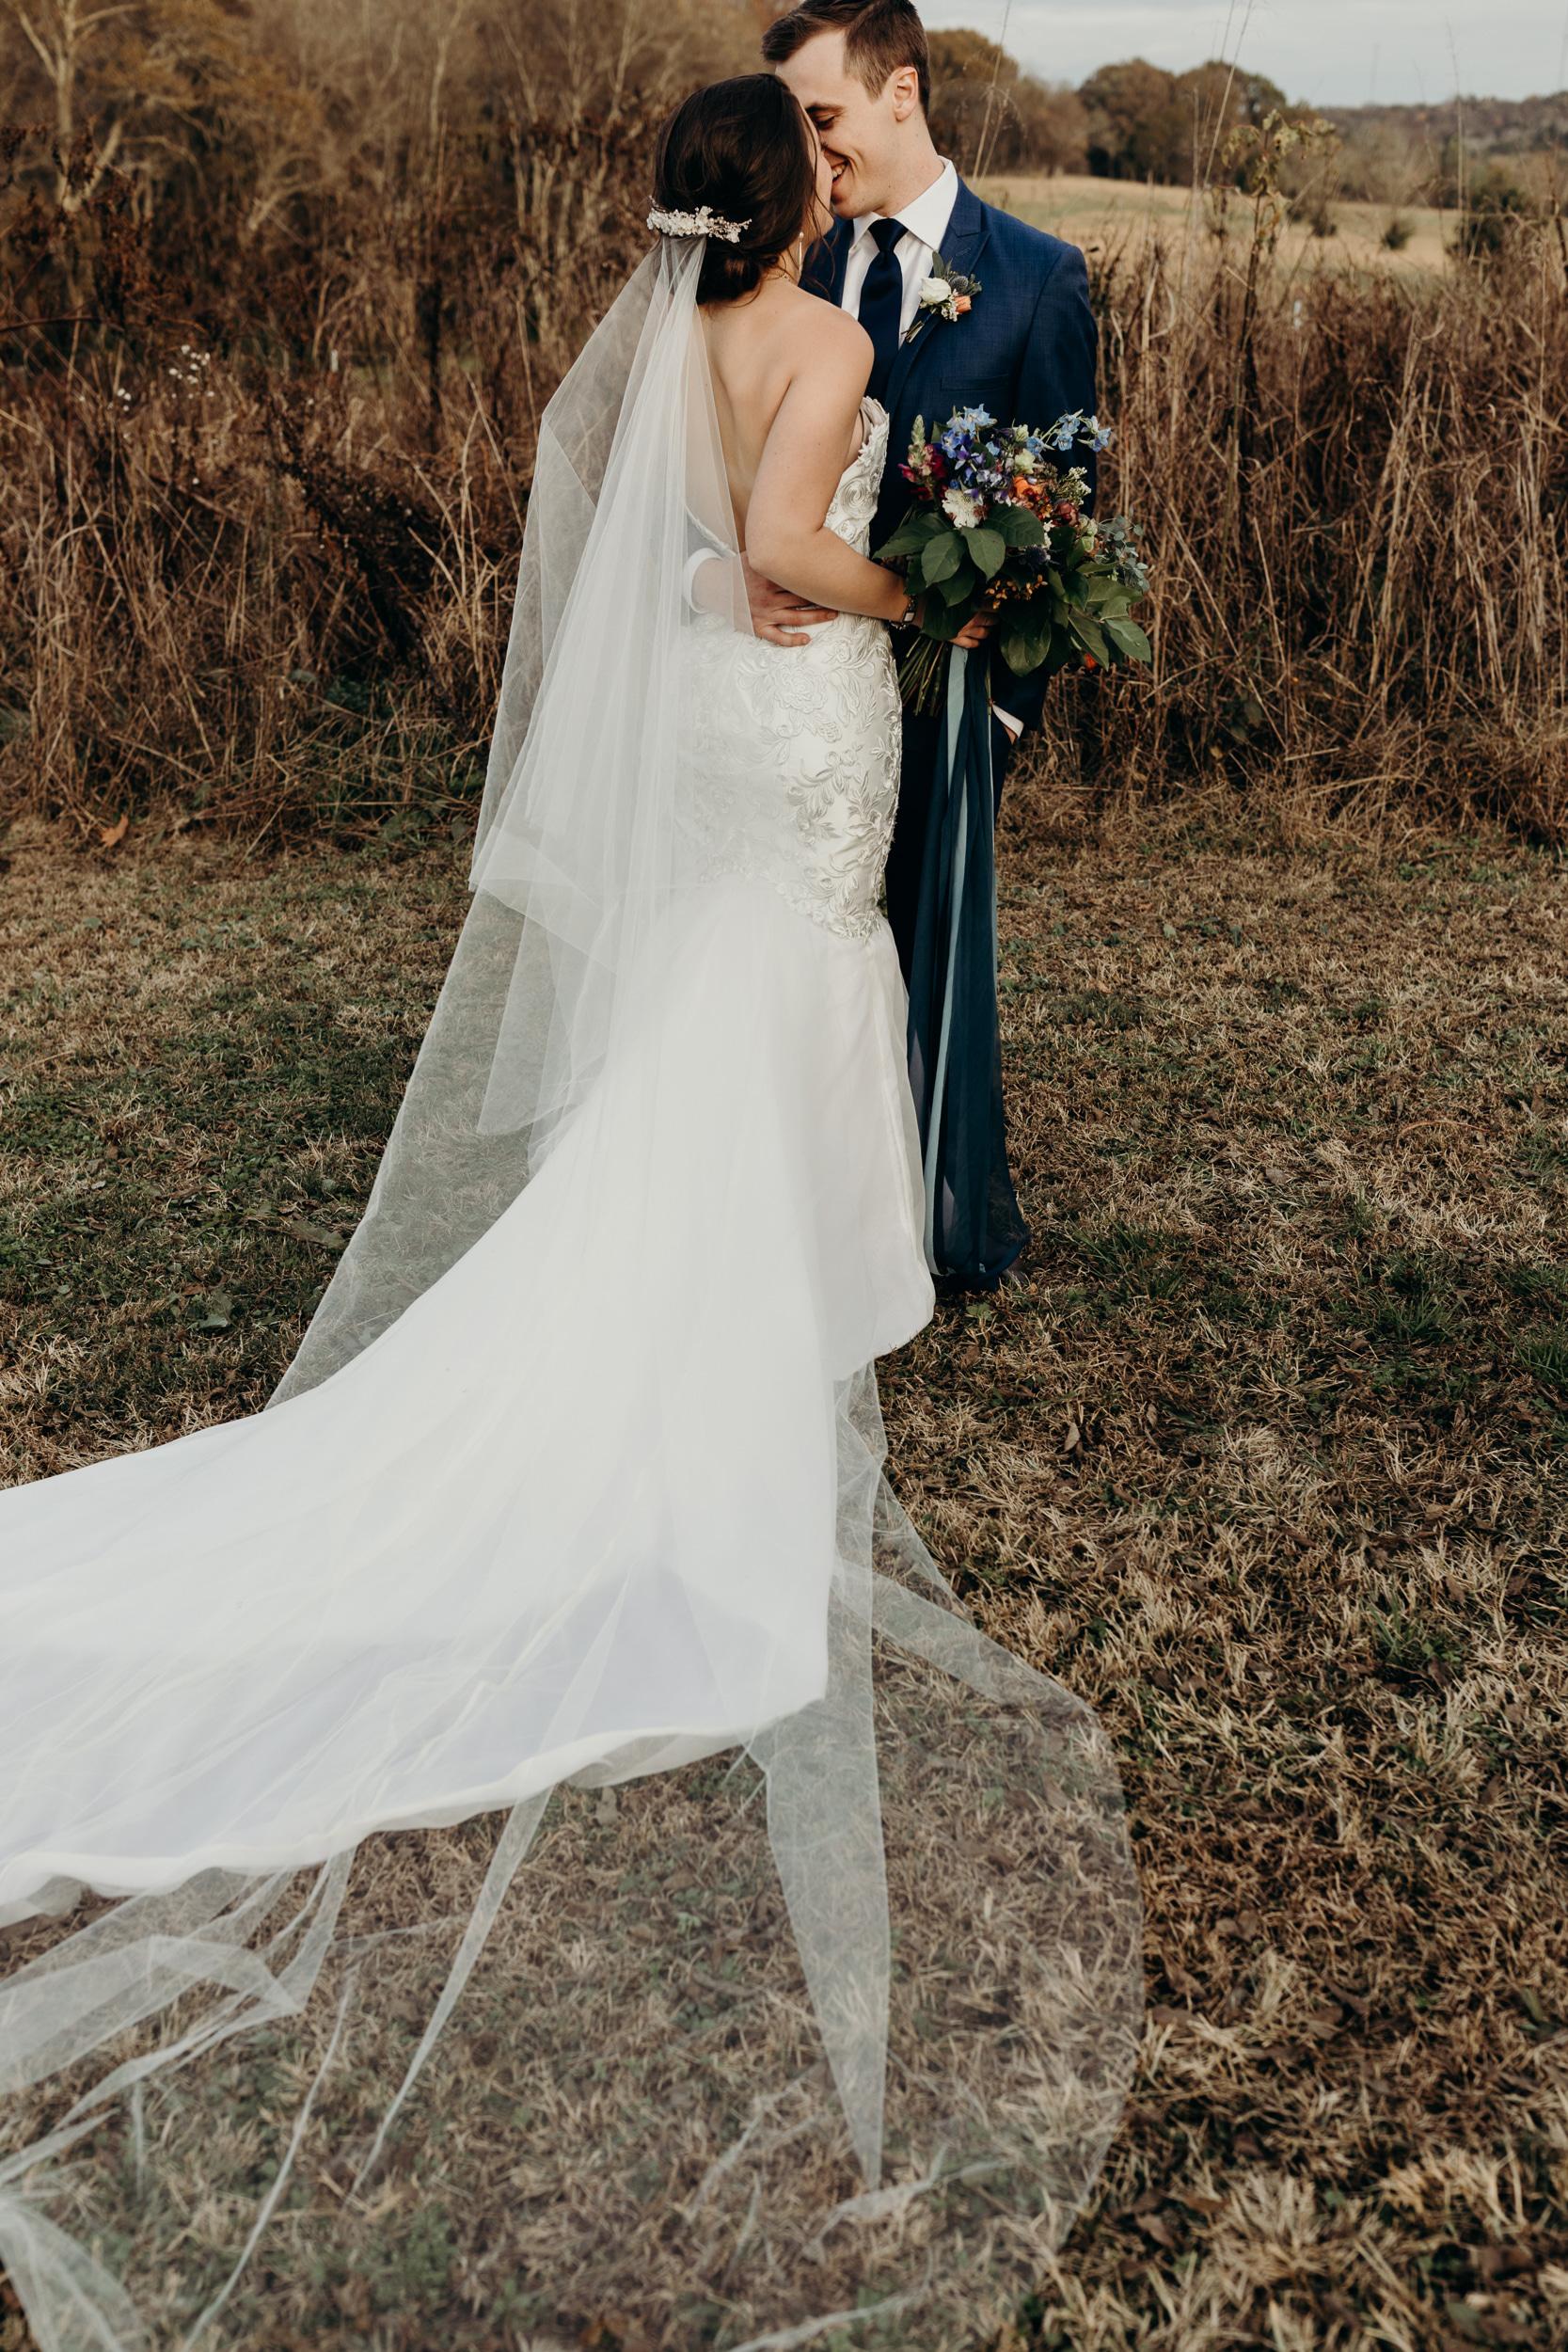 594-ltw-morgan-adam-wedding.jpg